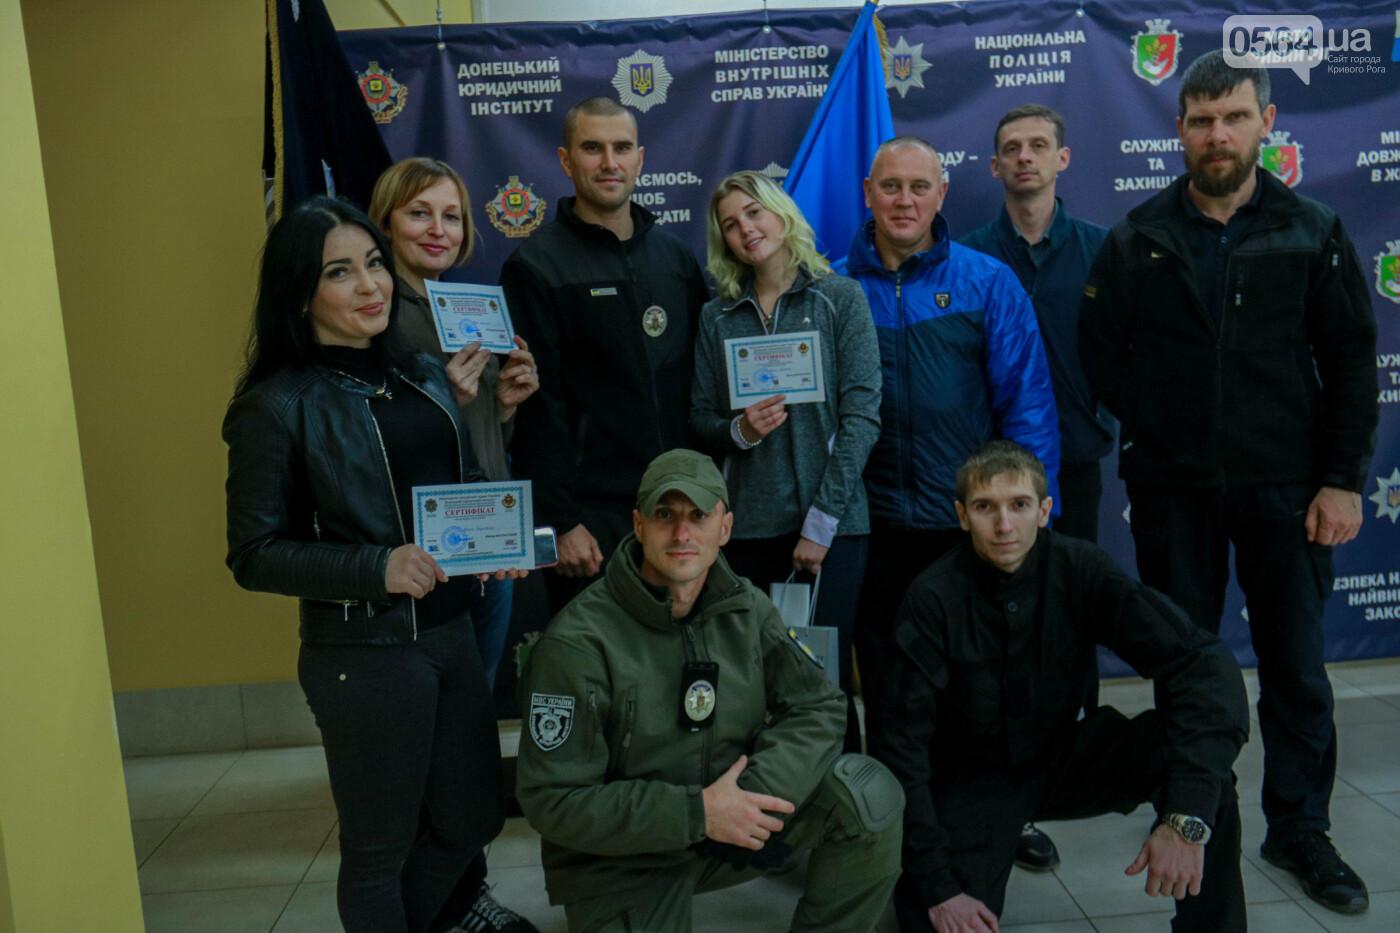 Инструкторы ДЮИ МВД обучали криворожских журналистов, как действовать в чрезвычайных ситуациях, - ФОТО, ВИДЕО , фото-13